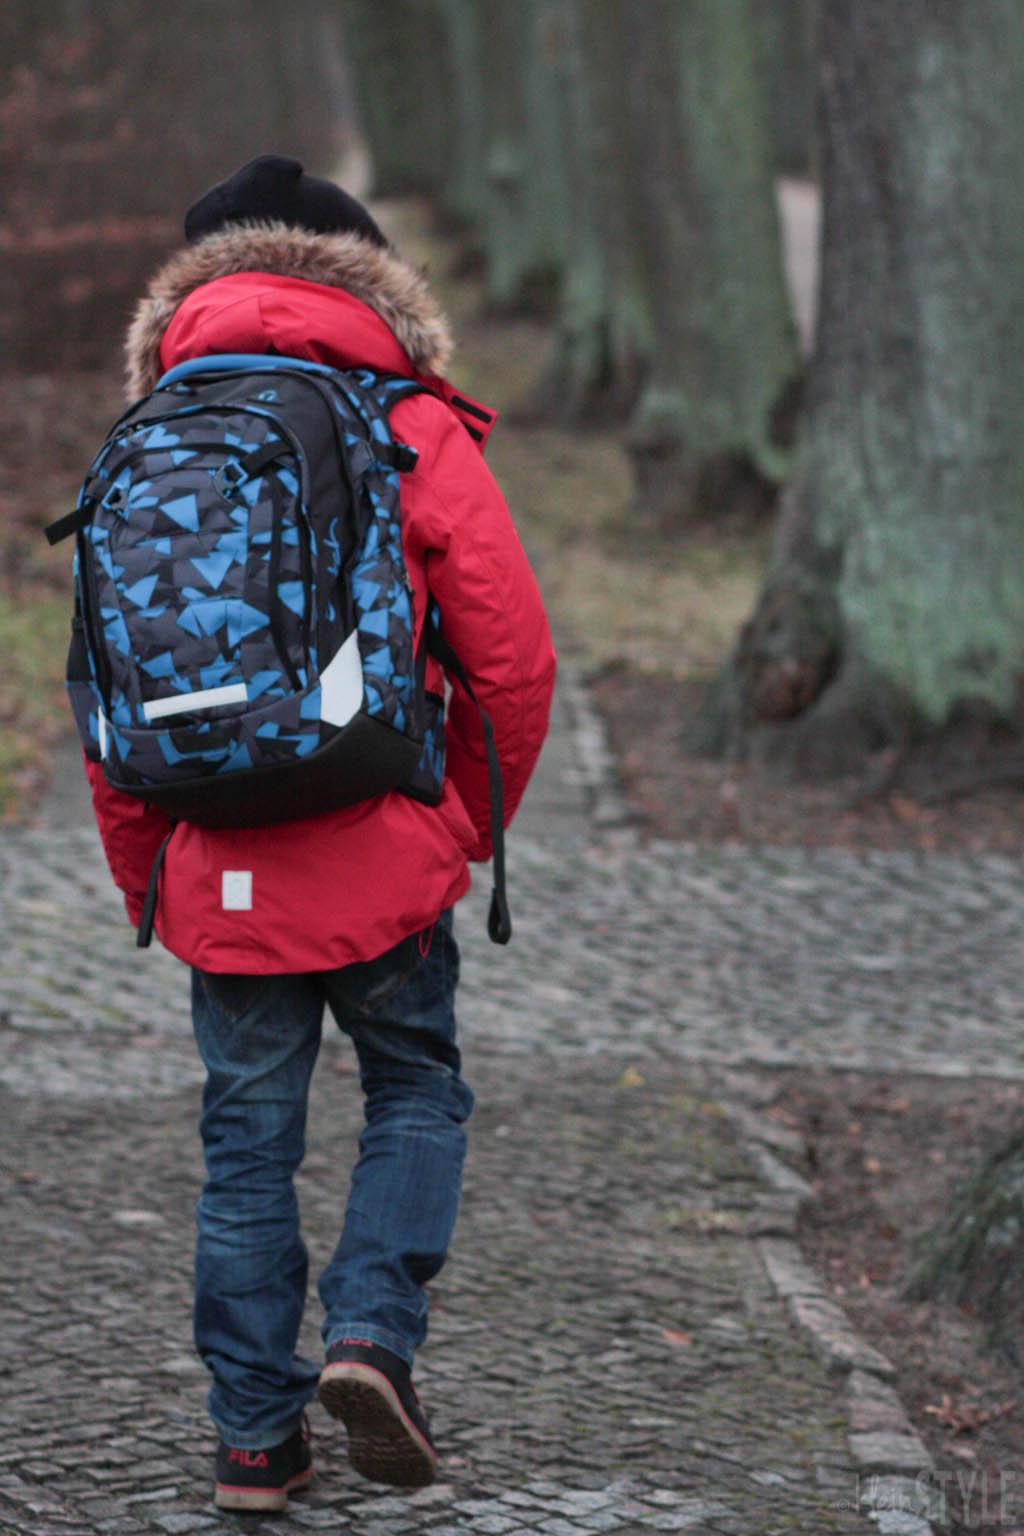 Das Kind wächst : der Schulrucksack auch!